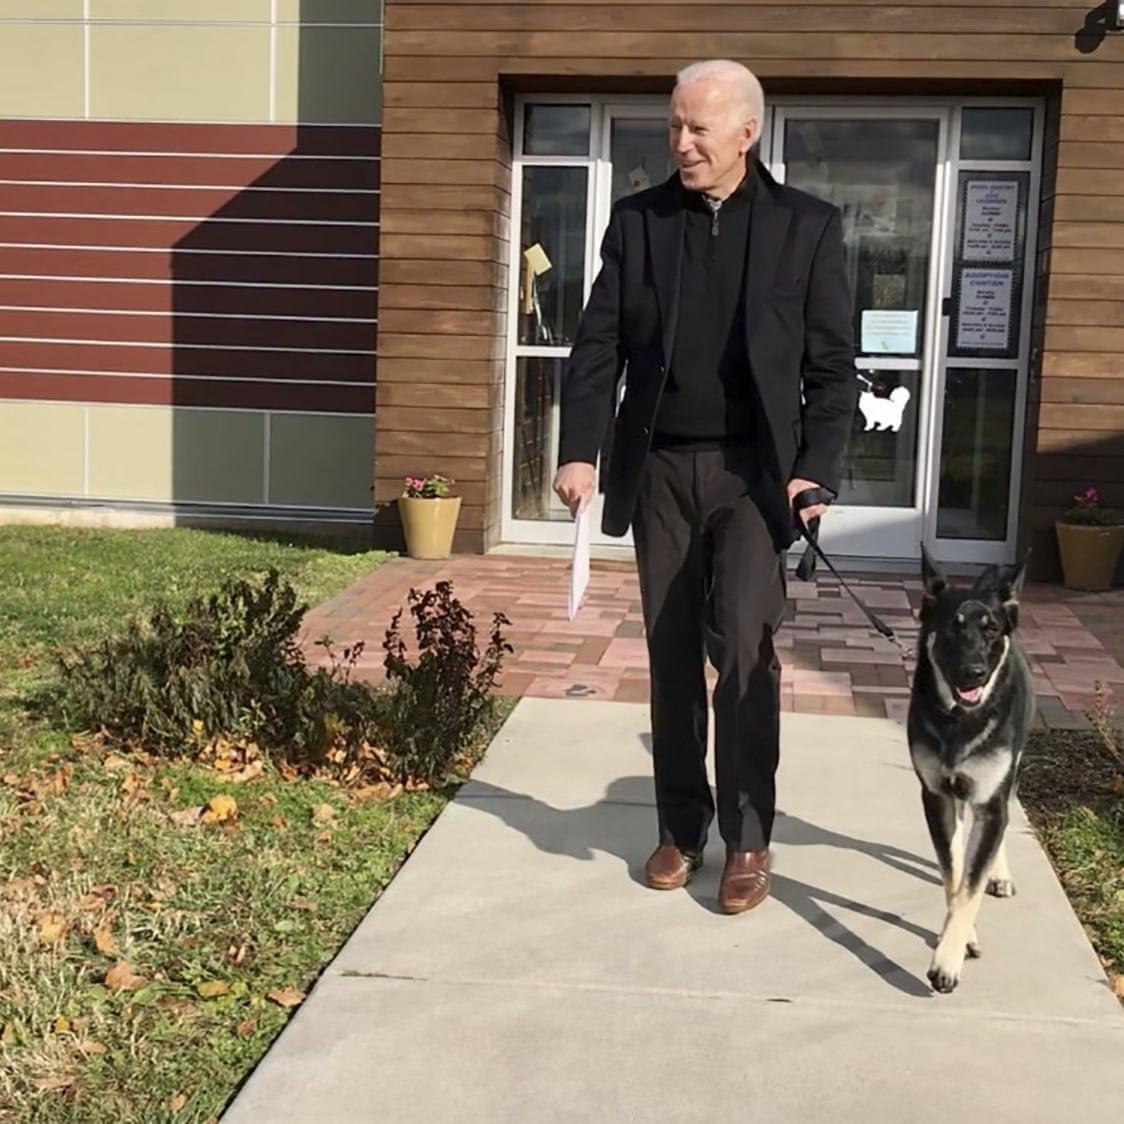 圖為拜登和他的德國牧羊犬「少校」(Major)。拜登和妻子共豢養兩隻狗。    美聯社